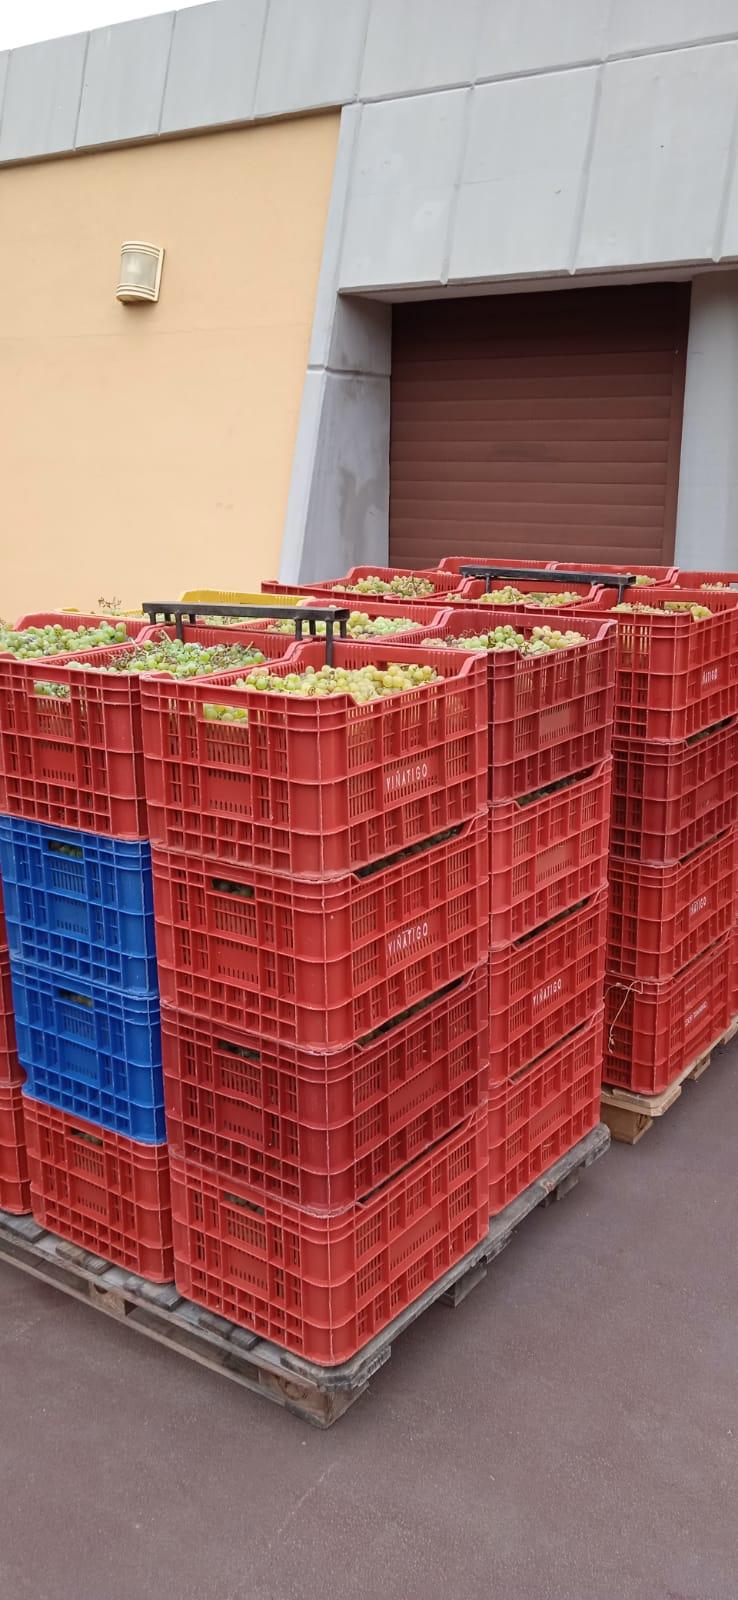 Arranca la vendimia en las DOP Islas Canarias e Ycoden Daute Isora